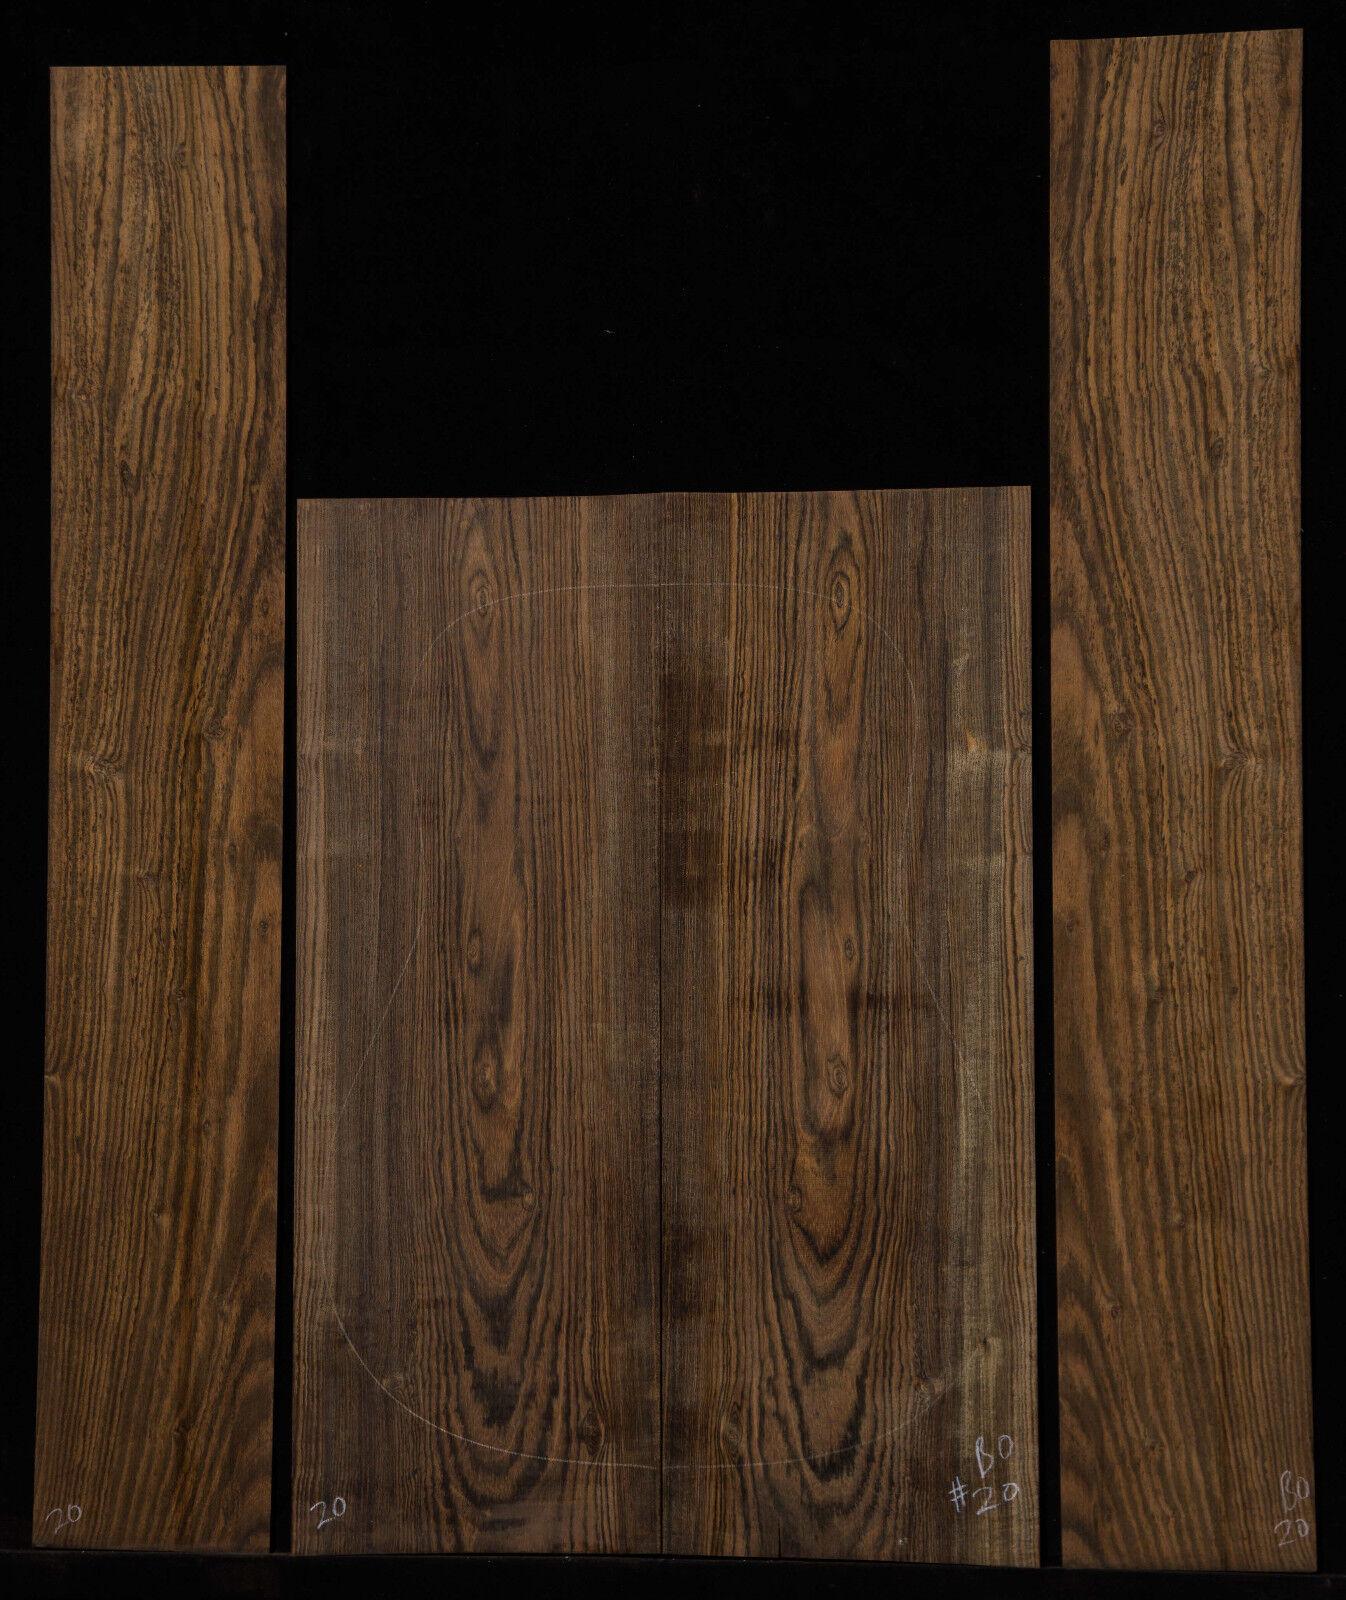 BocoteGuitar Set Drot Größe Back and Sides Luthier Tonewood